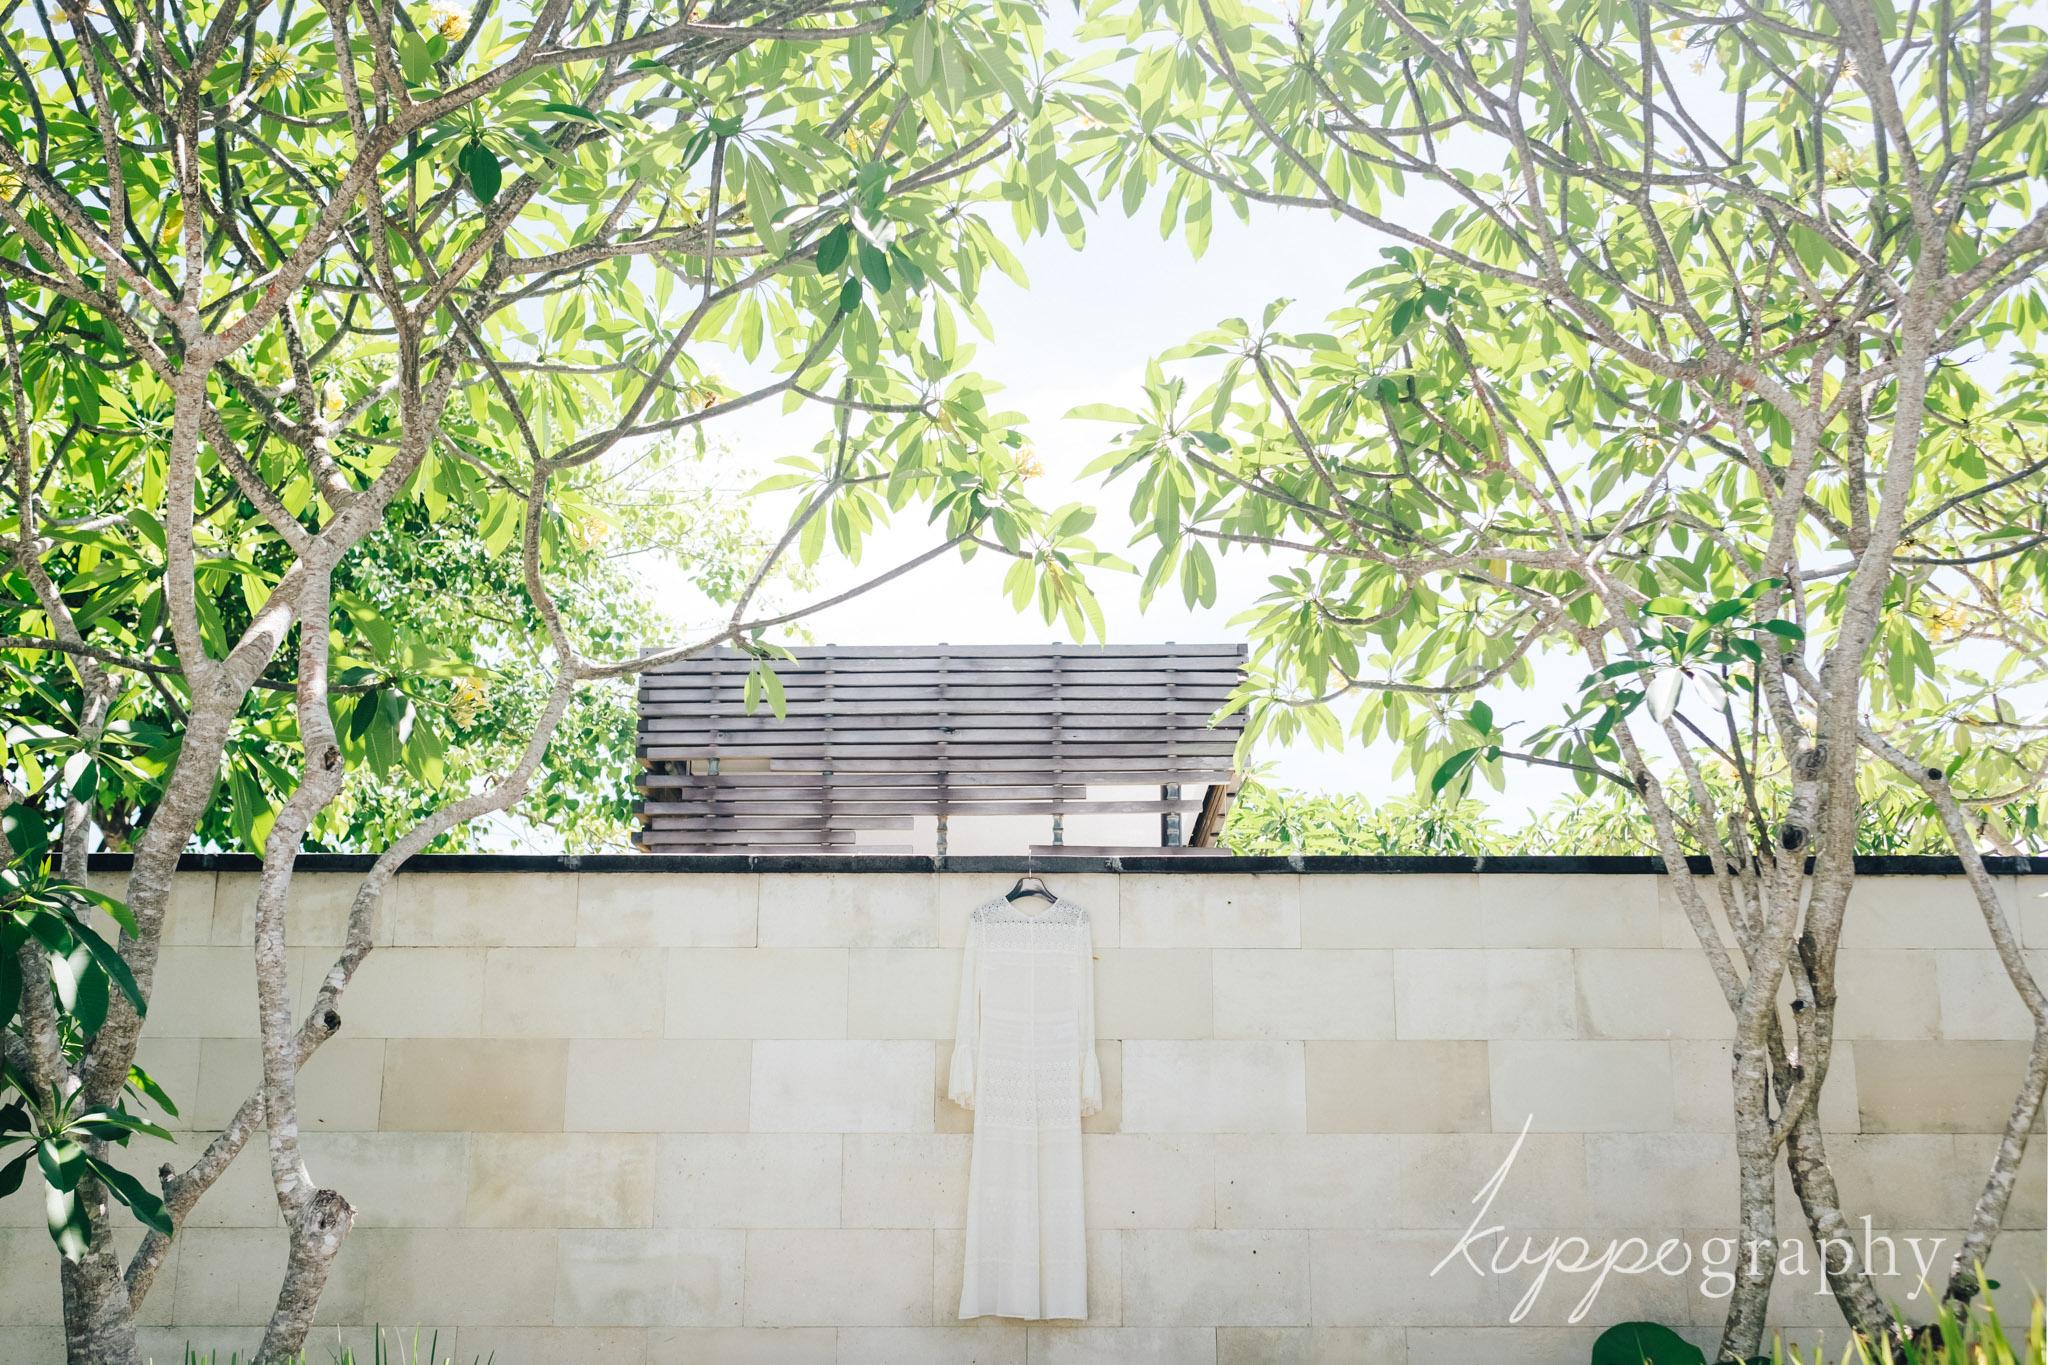 プライベートヴィラ内の壁にウェディングドレスをかけて撮影